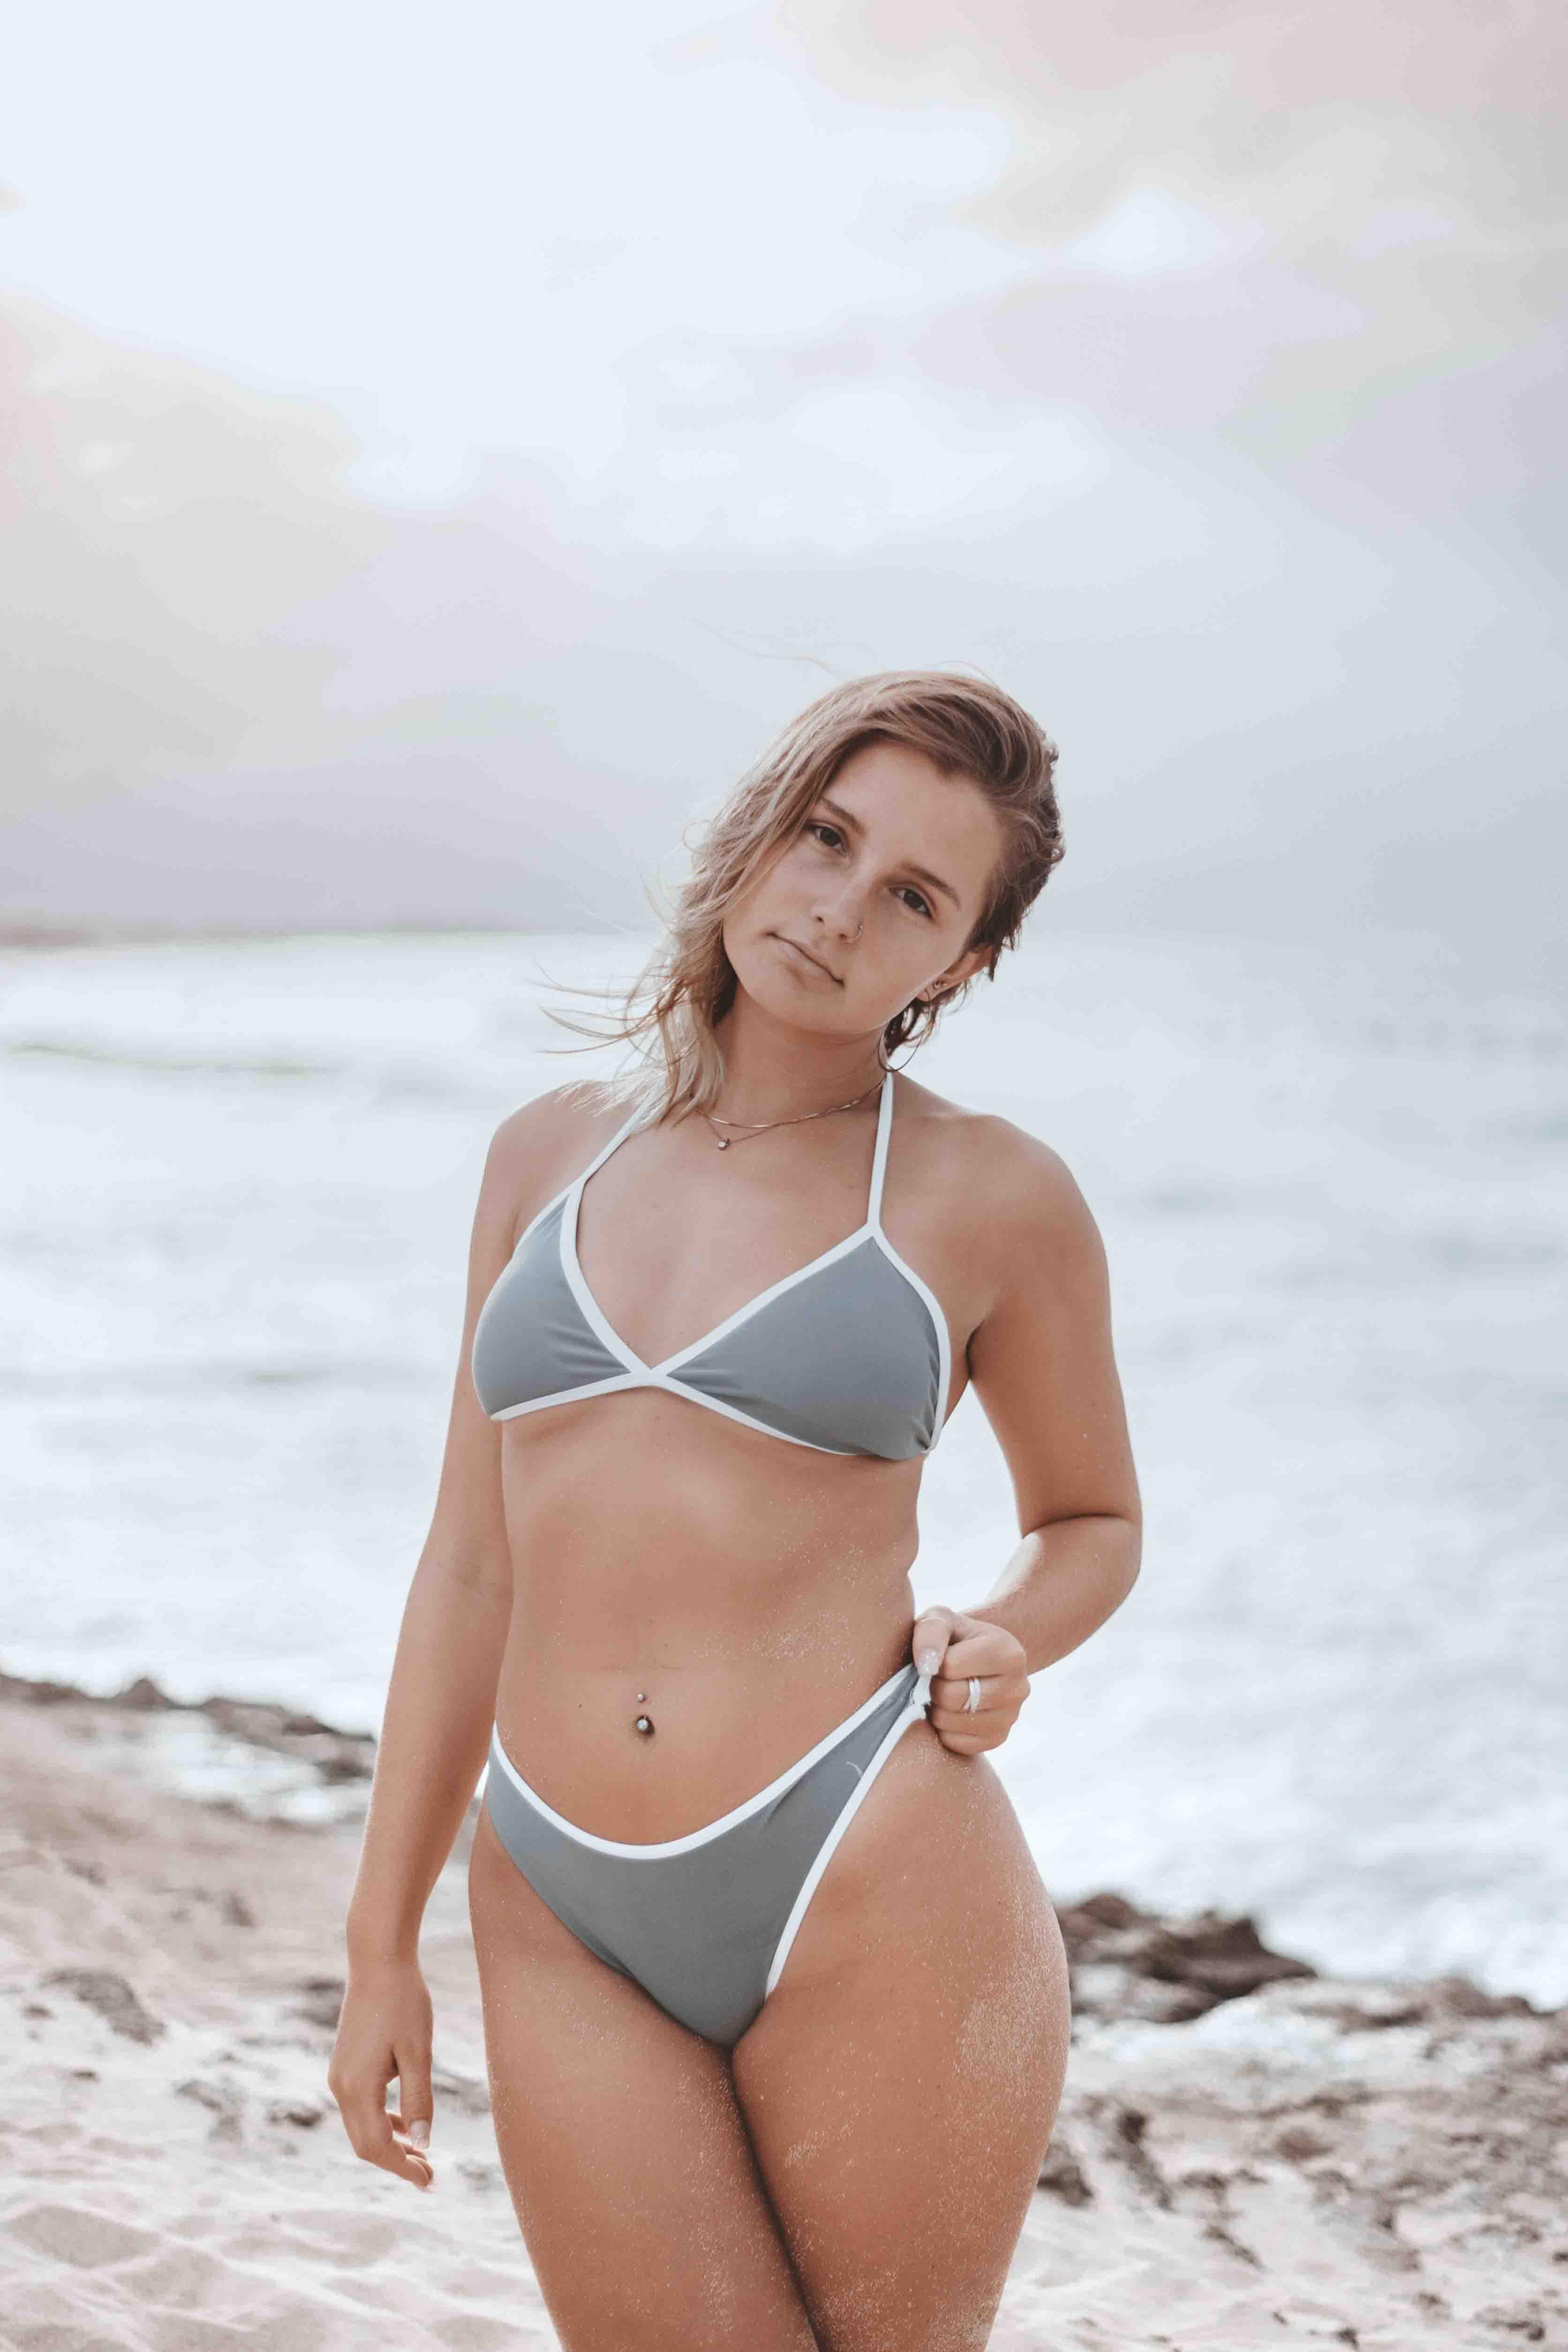 London escorts - hot girl in bikini